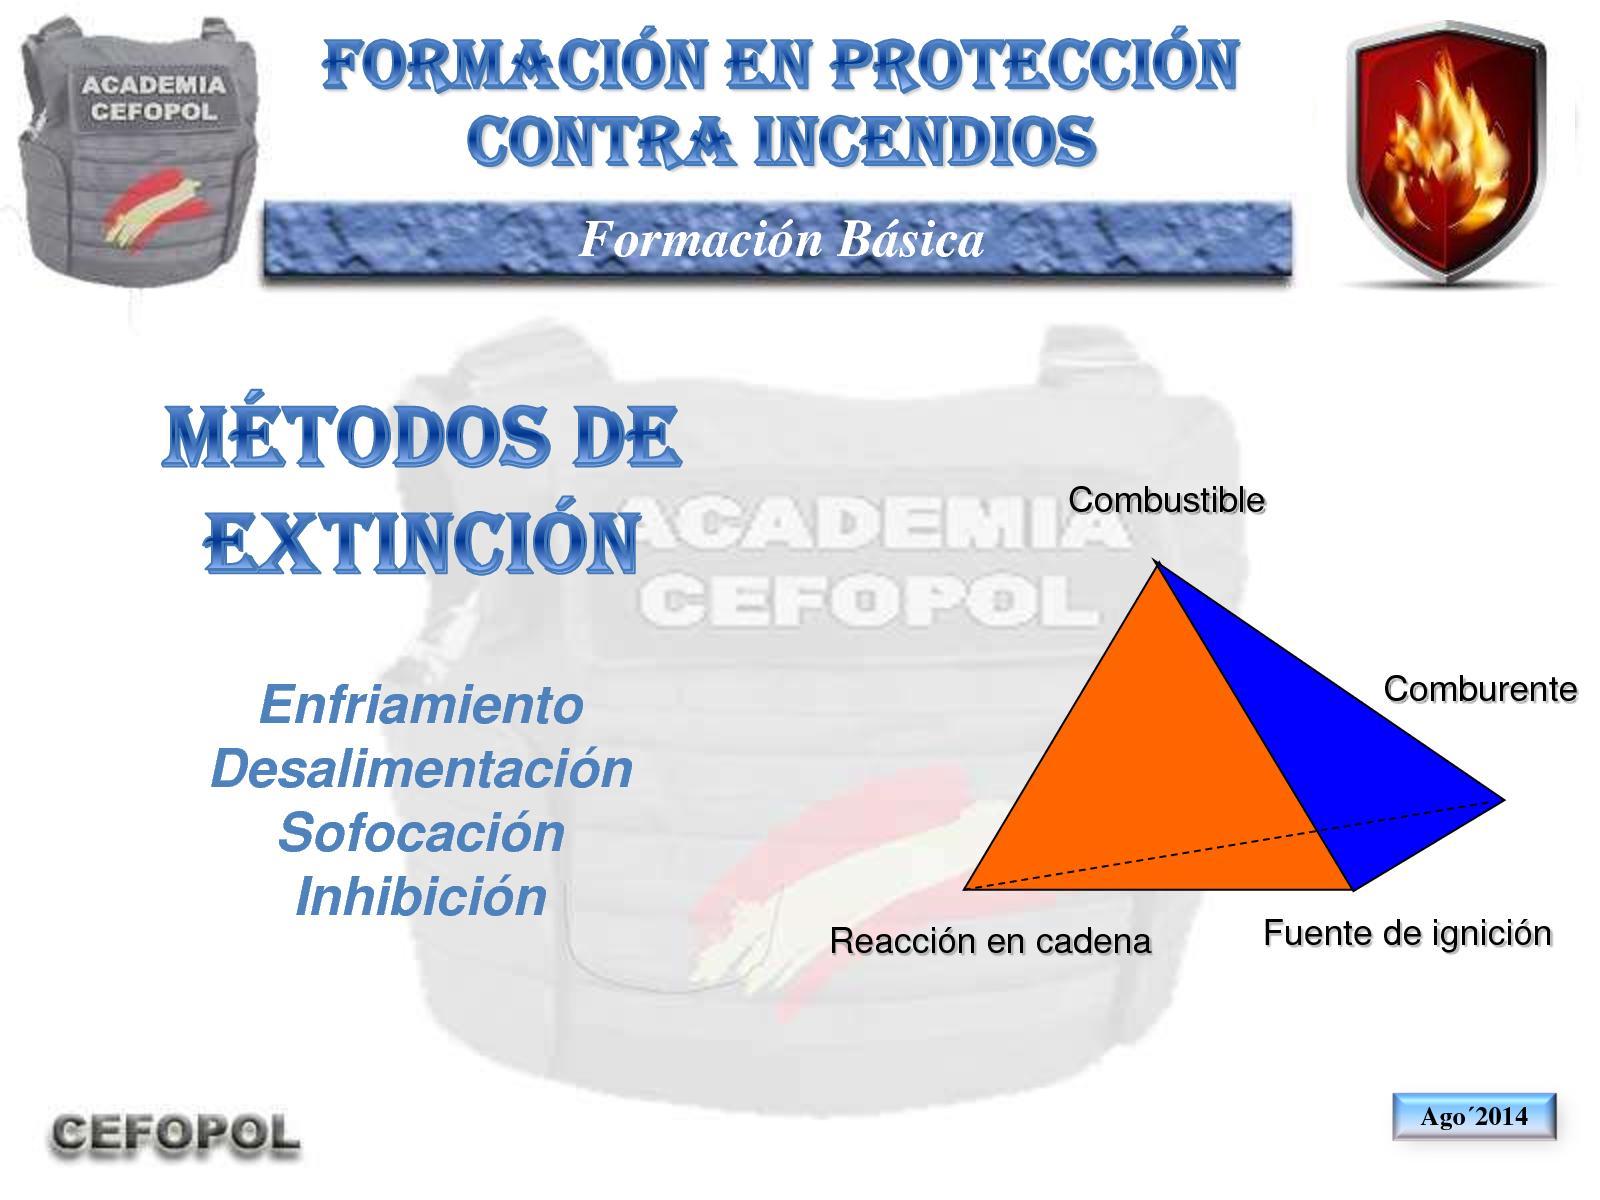 PCI 30 - Metodos De Extinción